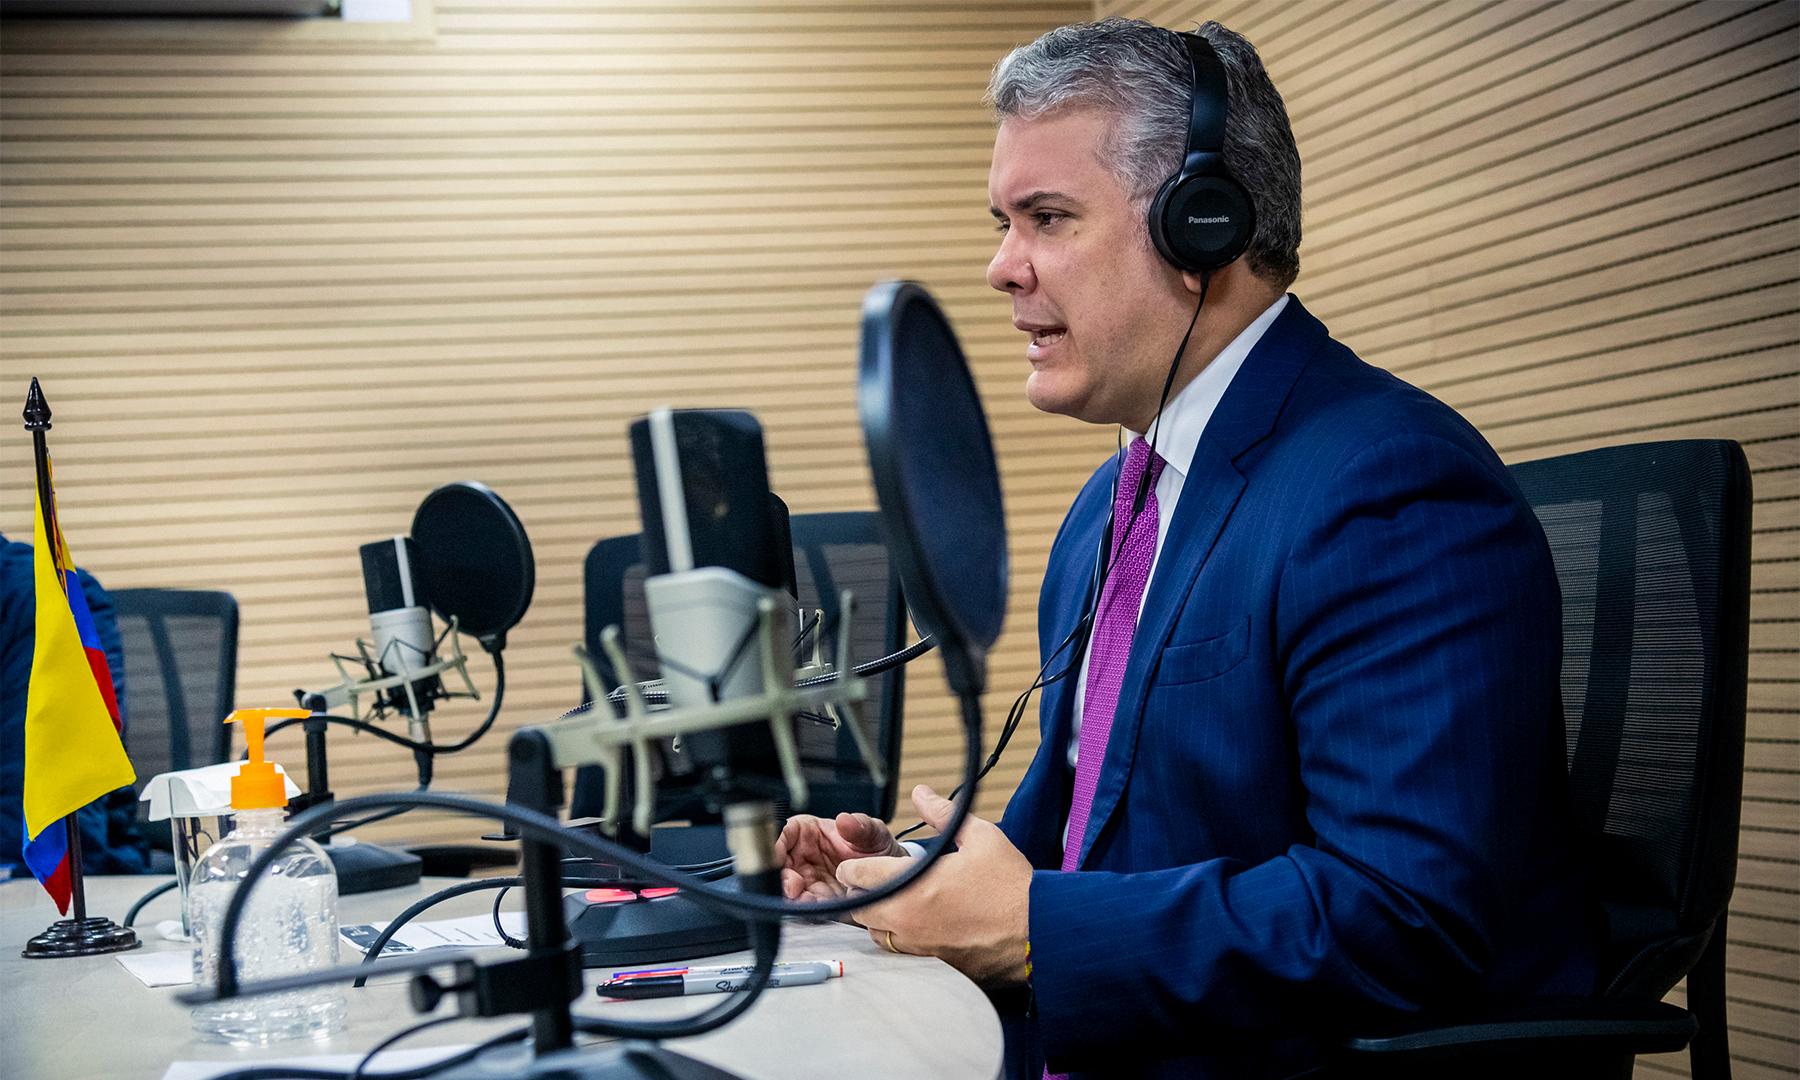 Le decimos al gobierno cubano que privilegie la relación con Colombia y no la relación con el Eln, dijo este lunes el Presidente Iván Duque Márquez, durante una entrevista con la Radio Nacional de Colombia.